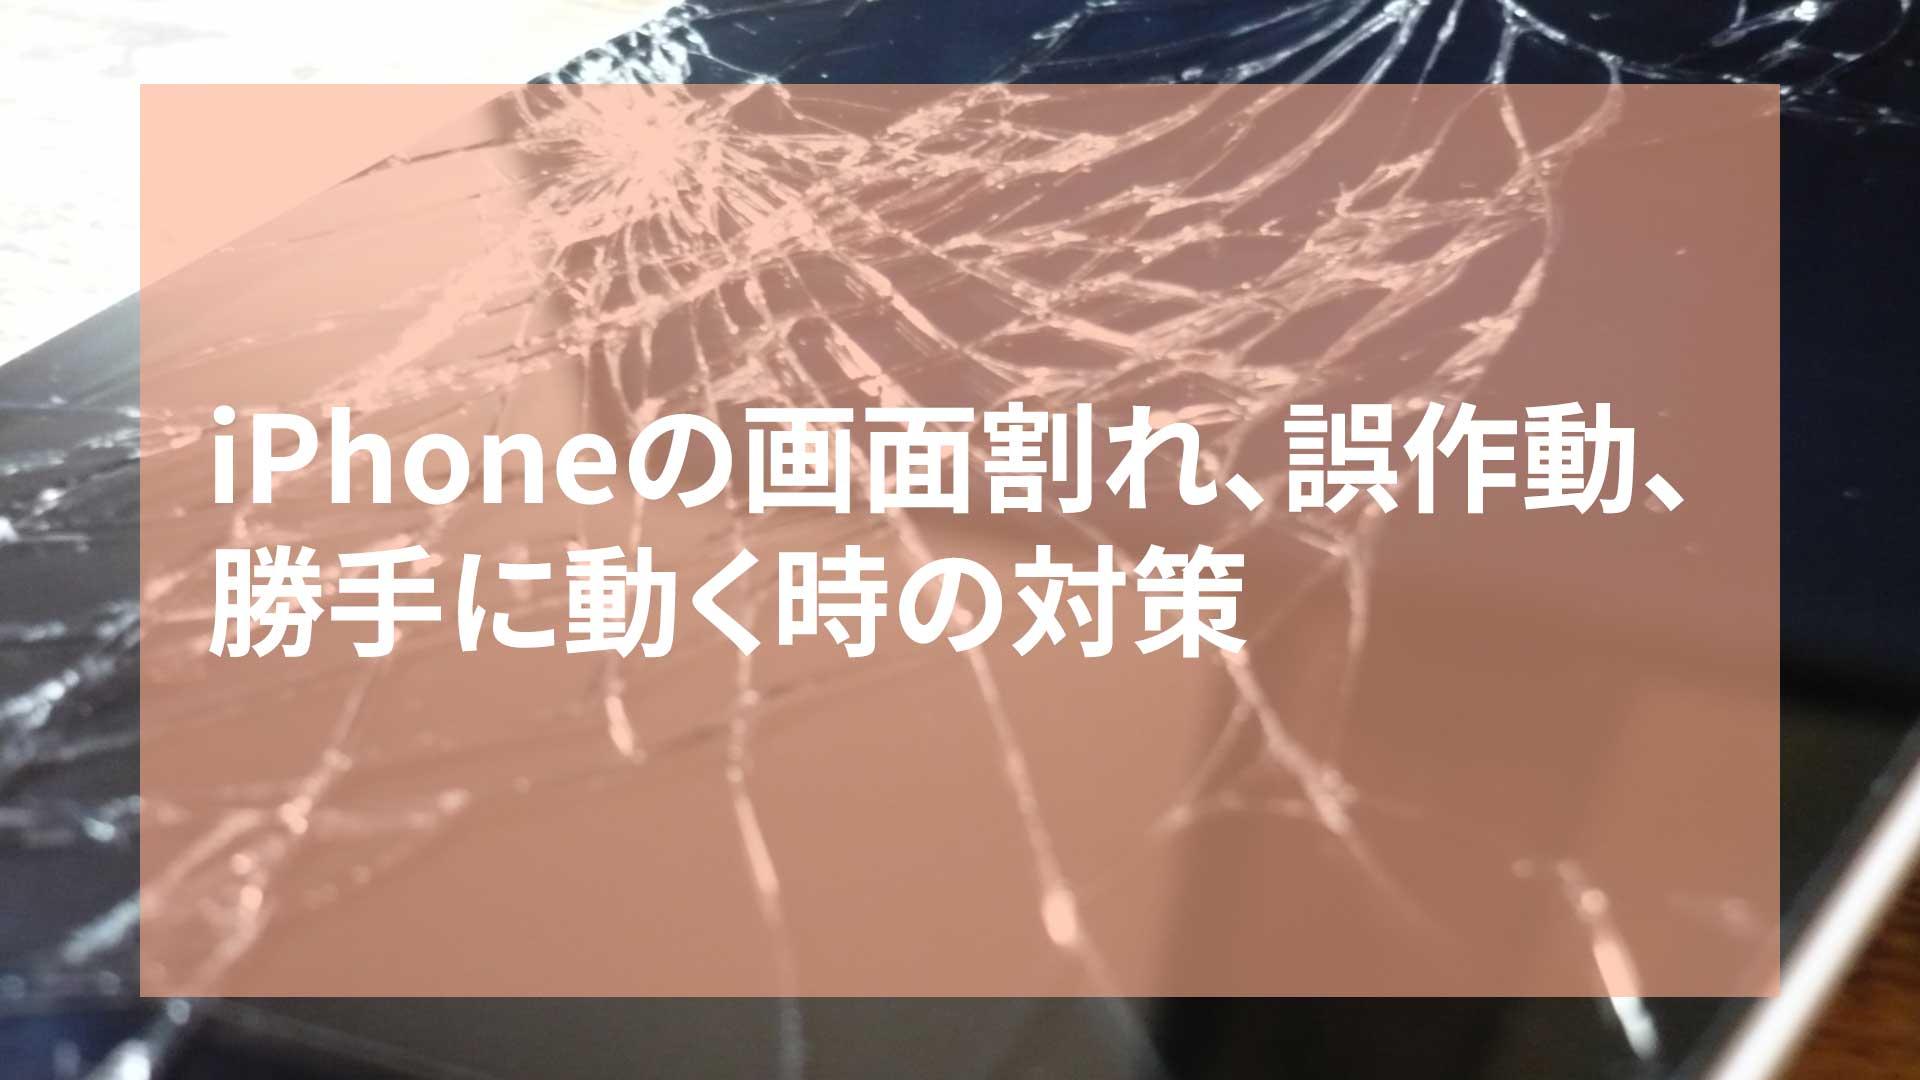 iphone_broken_thumbnail